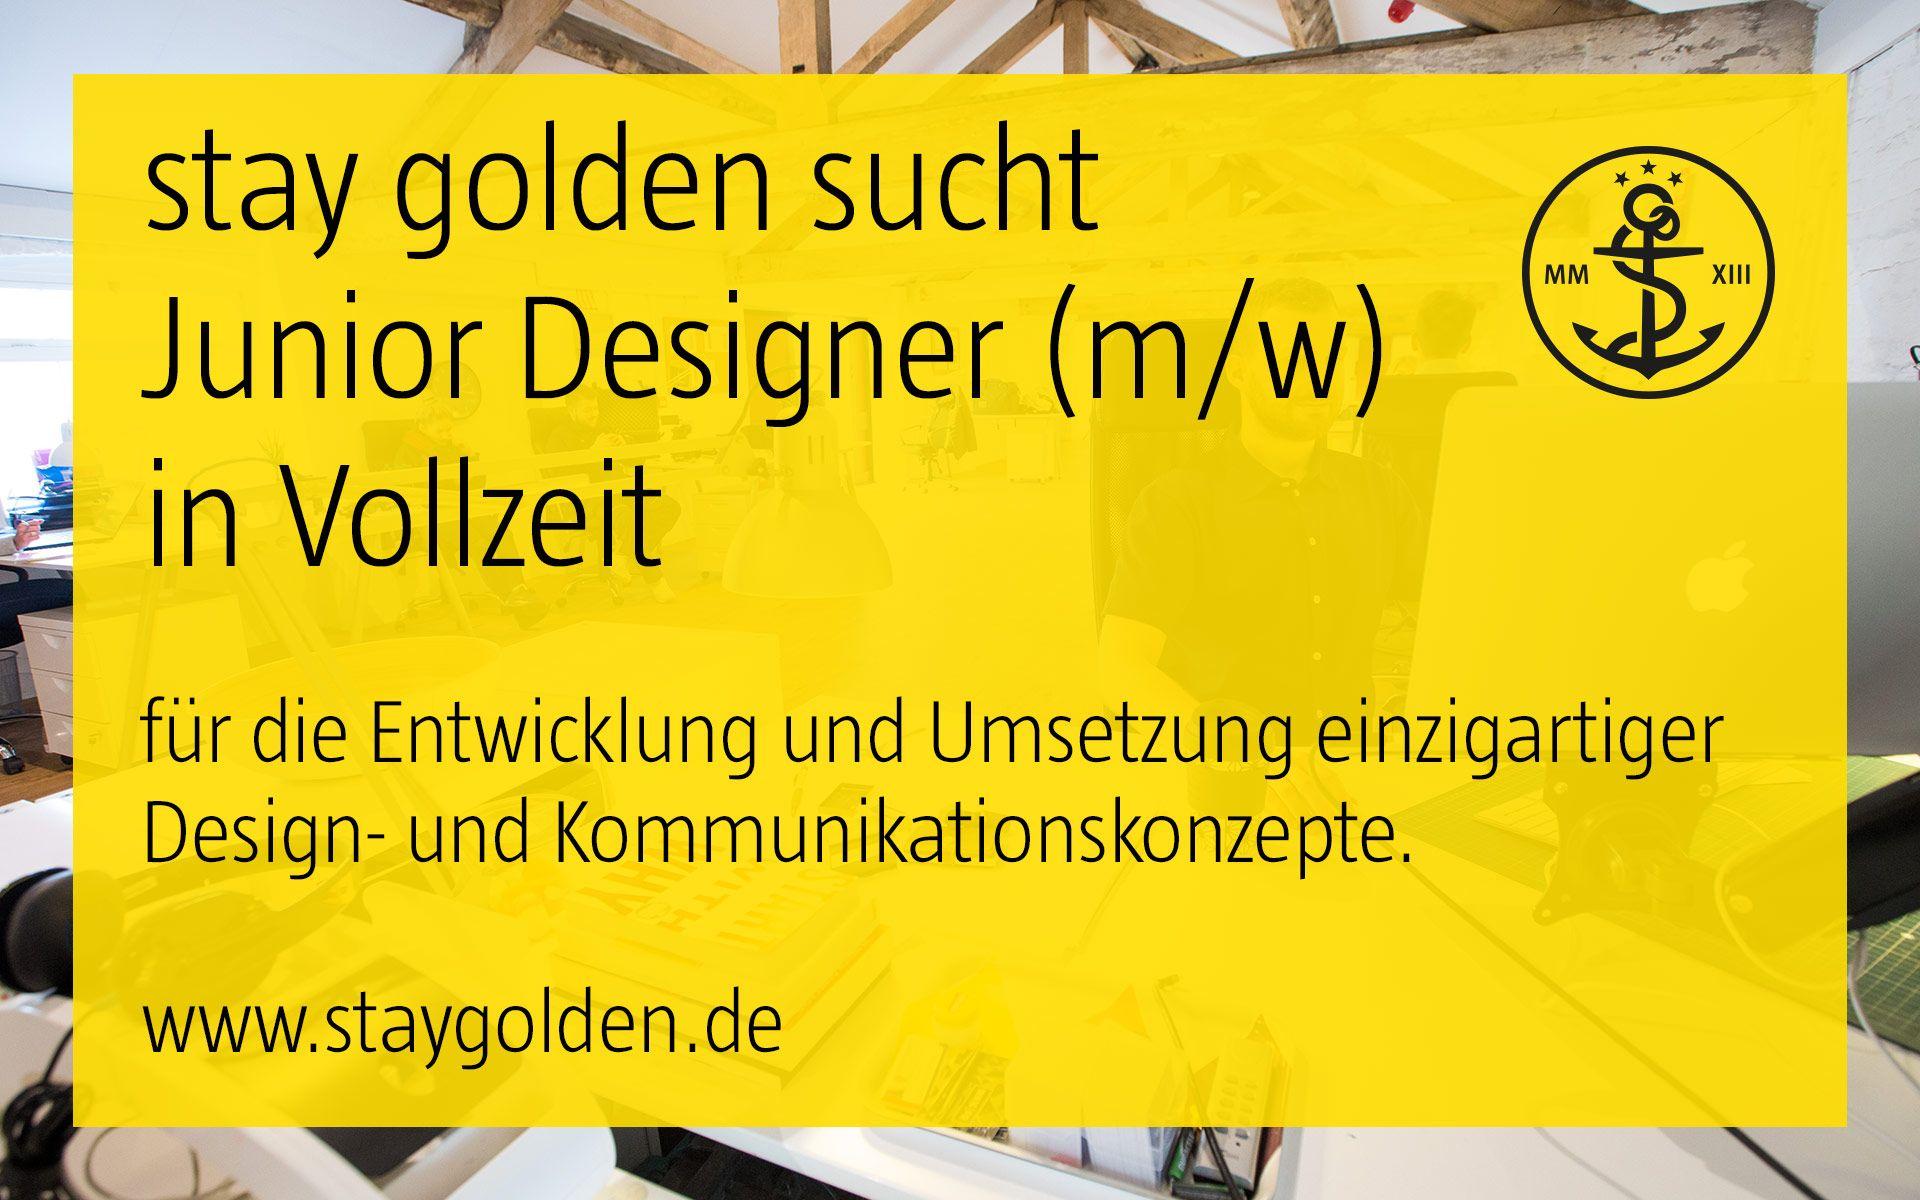 stay golden, aufruf, offene stelle, stellenausschreibung, festanstellung, junior designer, designer, corporate design, markenkommunikation, düsseldorf